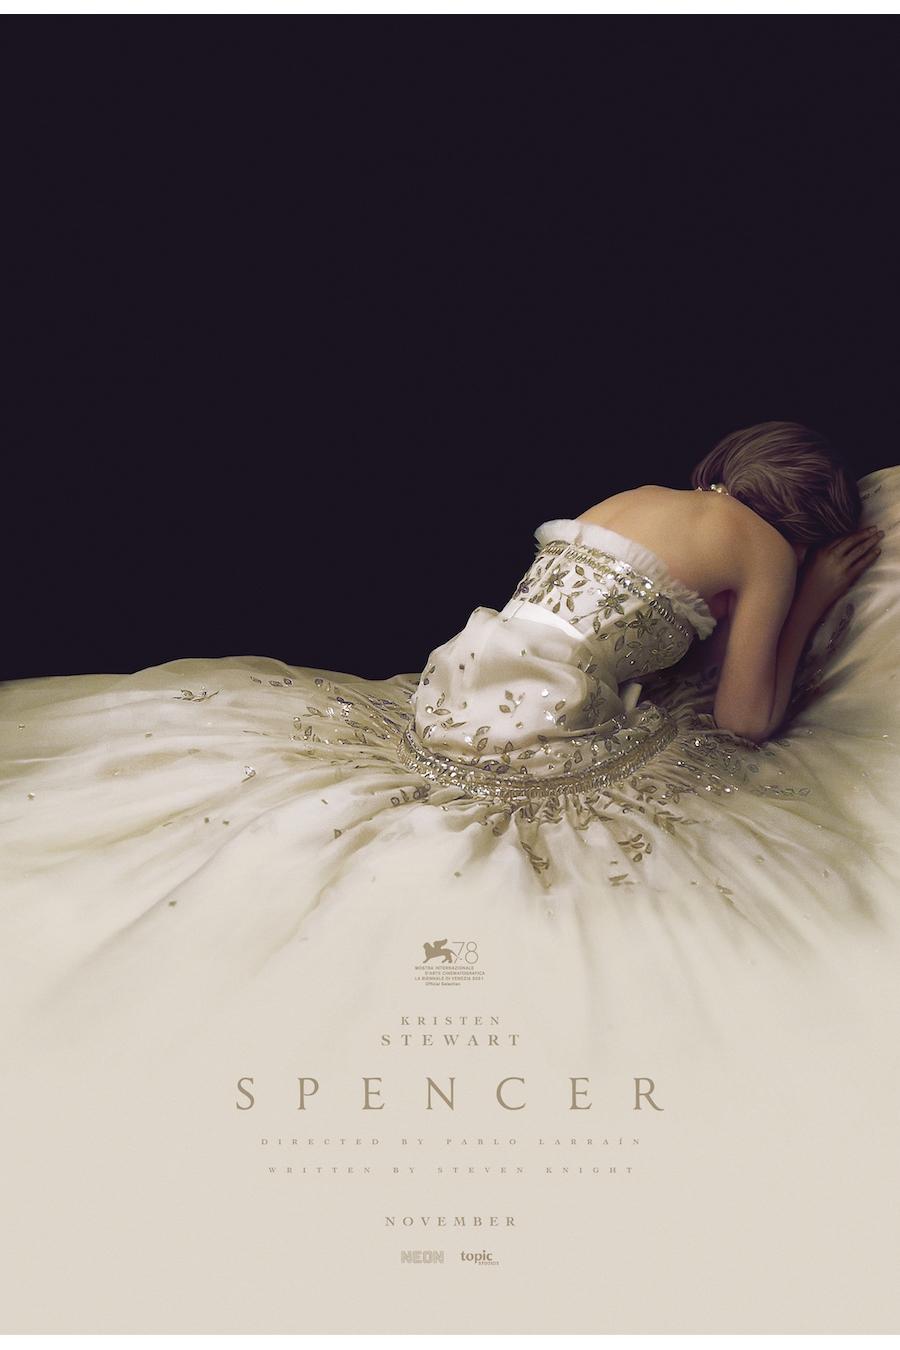 Spencer film poster